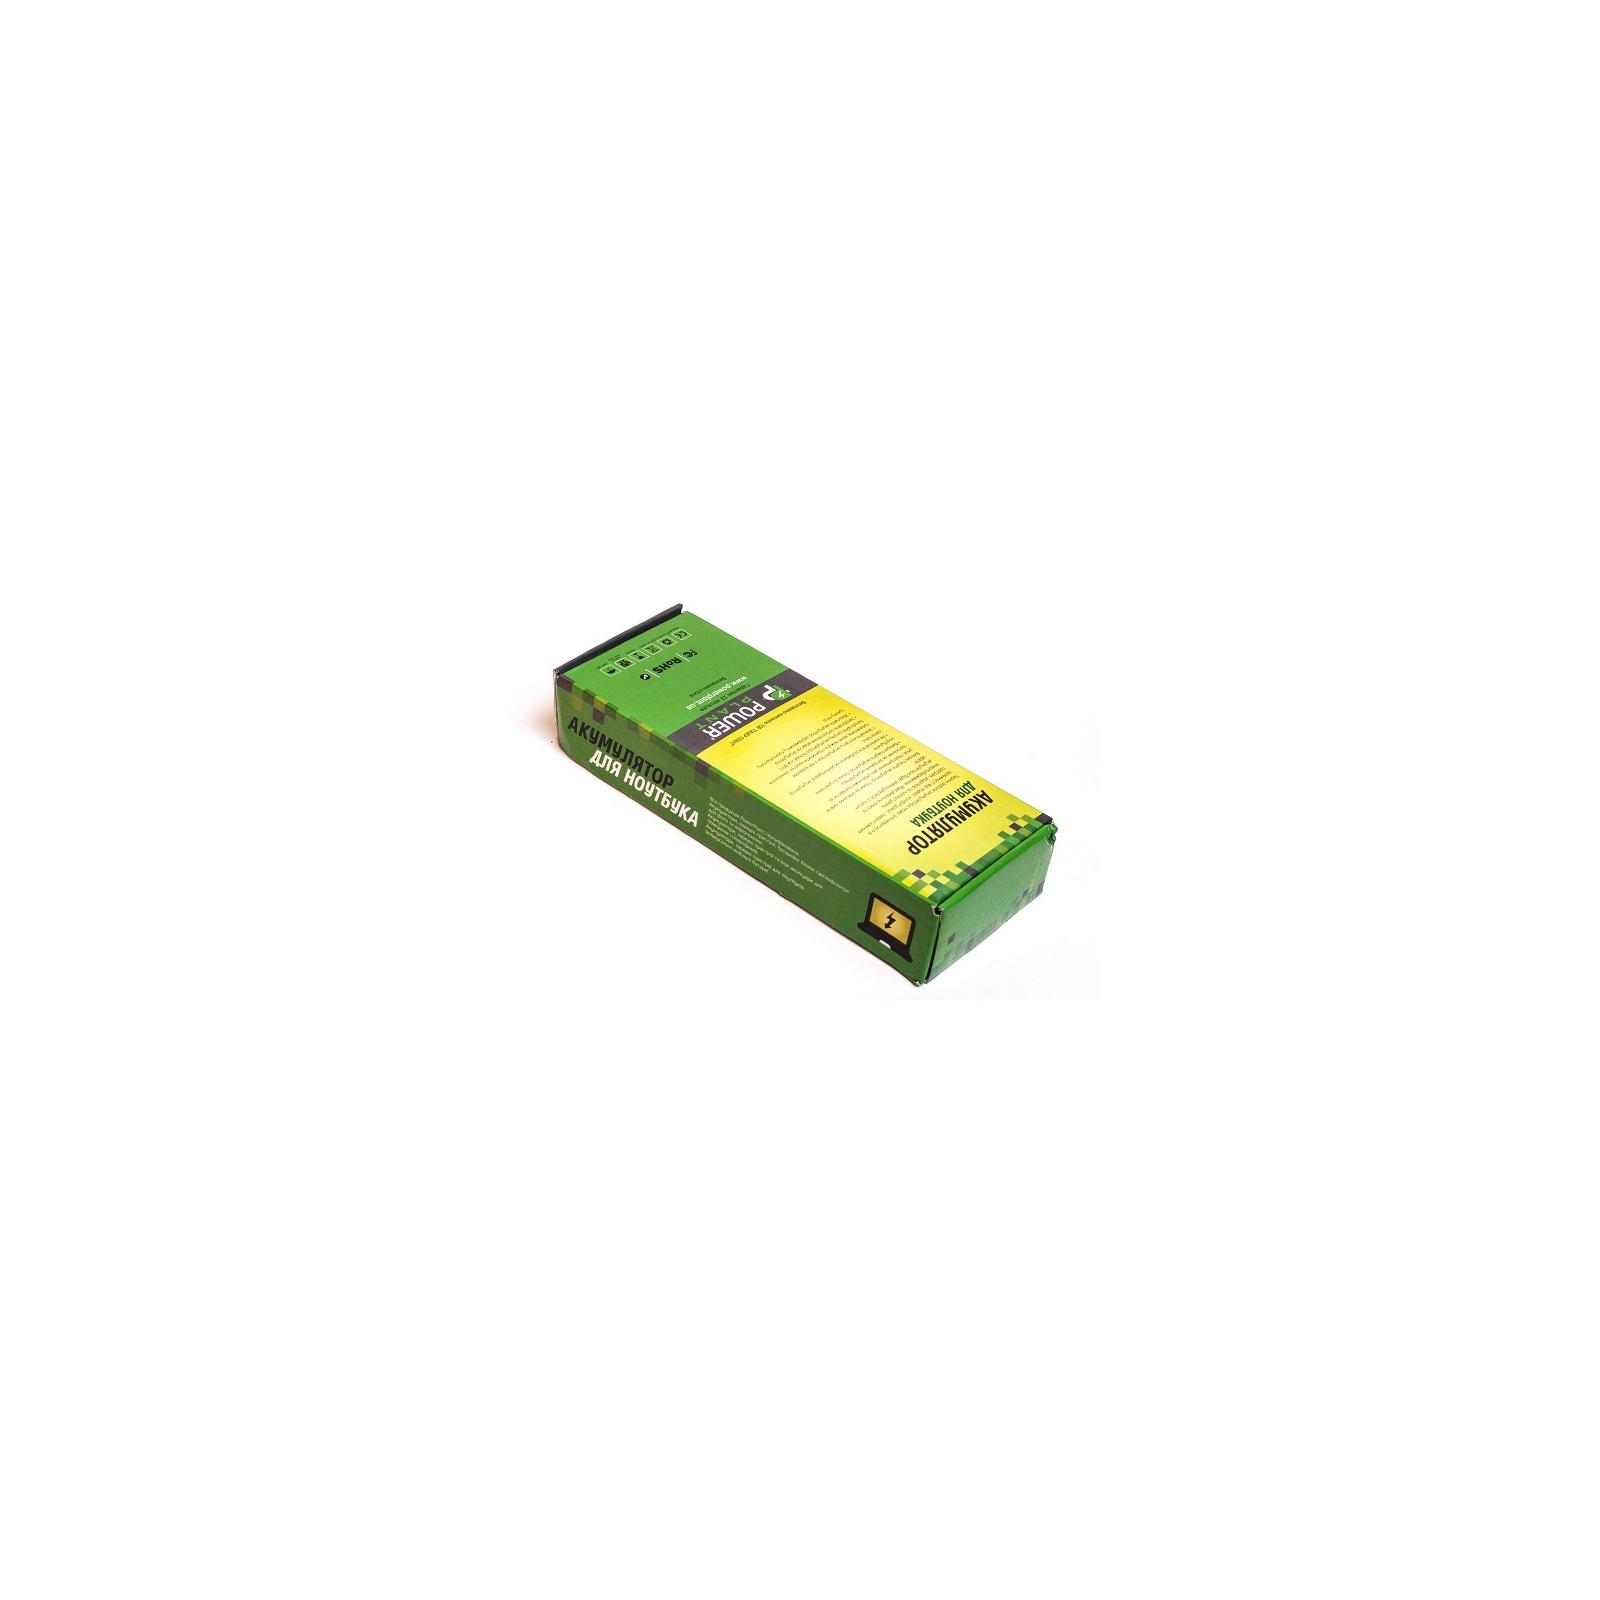 Аккумулятор для ноутбука ASUS A40J (A32-K52, ASA420LH) 14.8V 5200mAh PowerPlant (NB00000150) изображение 2